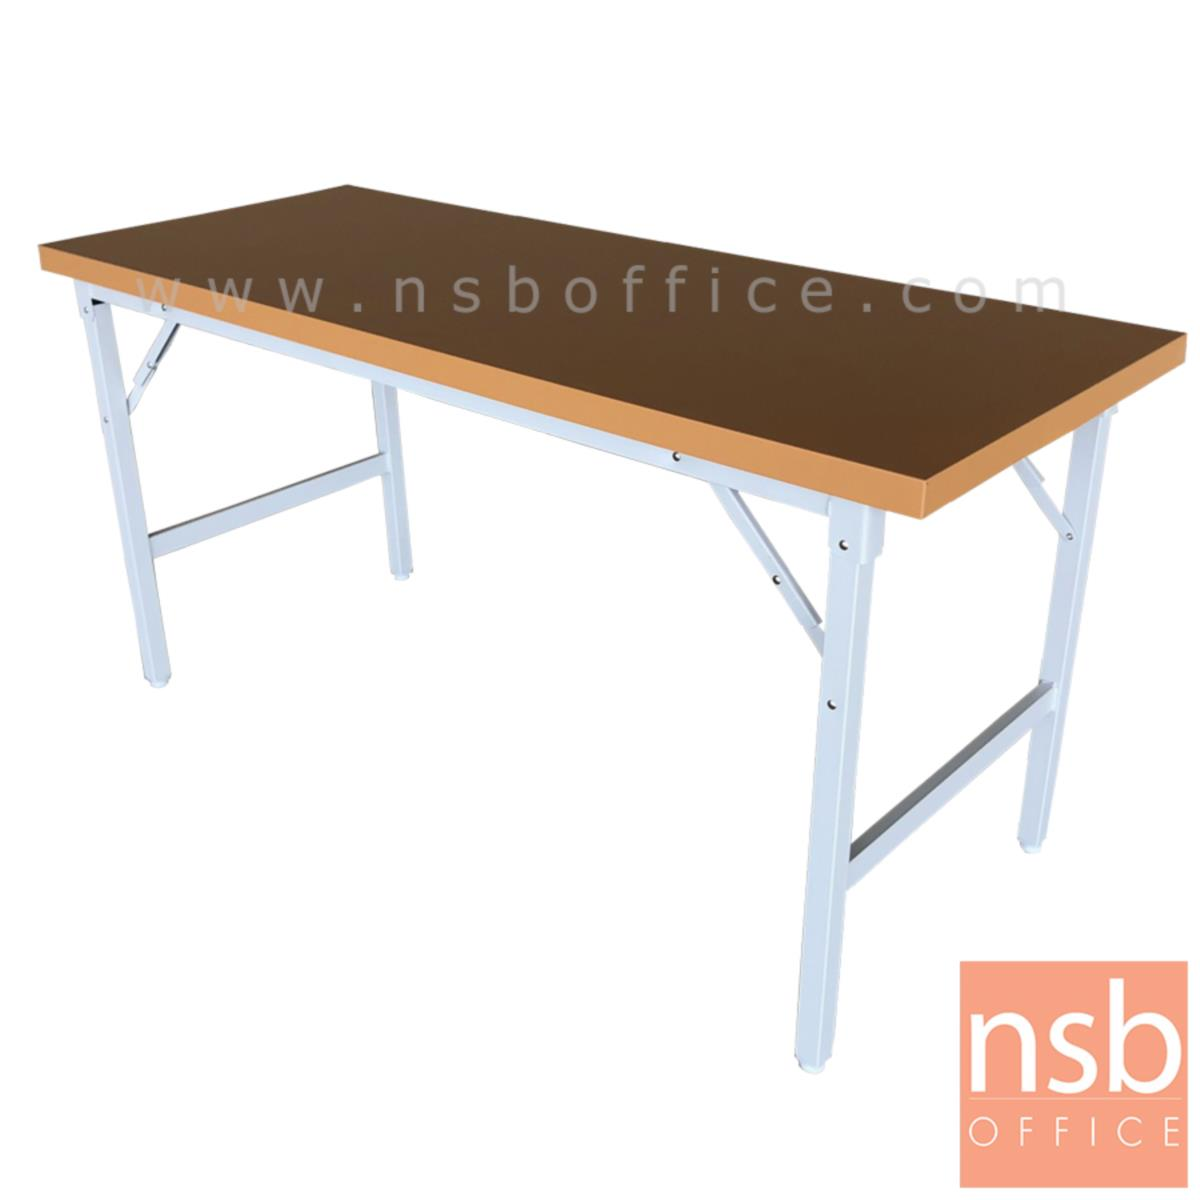 โต๊ะพับหน้าเหล็ก รุ่น FGS-60150(-180) 150W ,180W cm. ขาเหล็กชุบโครเมียม